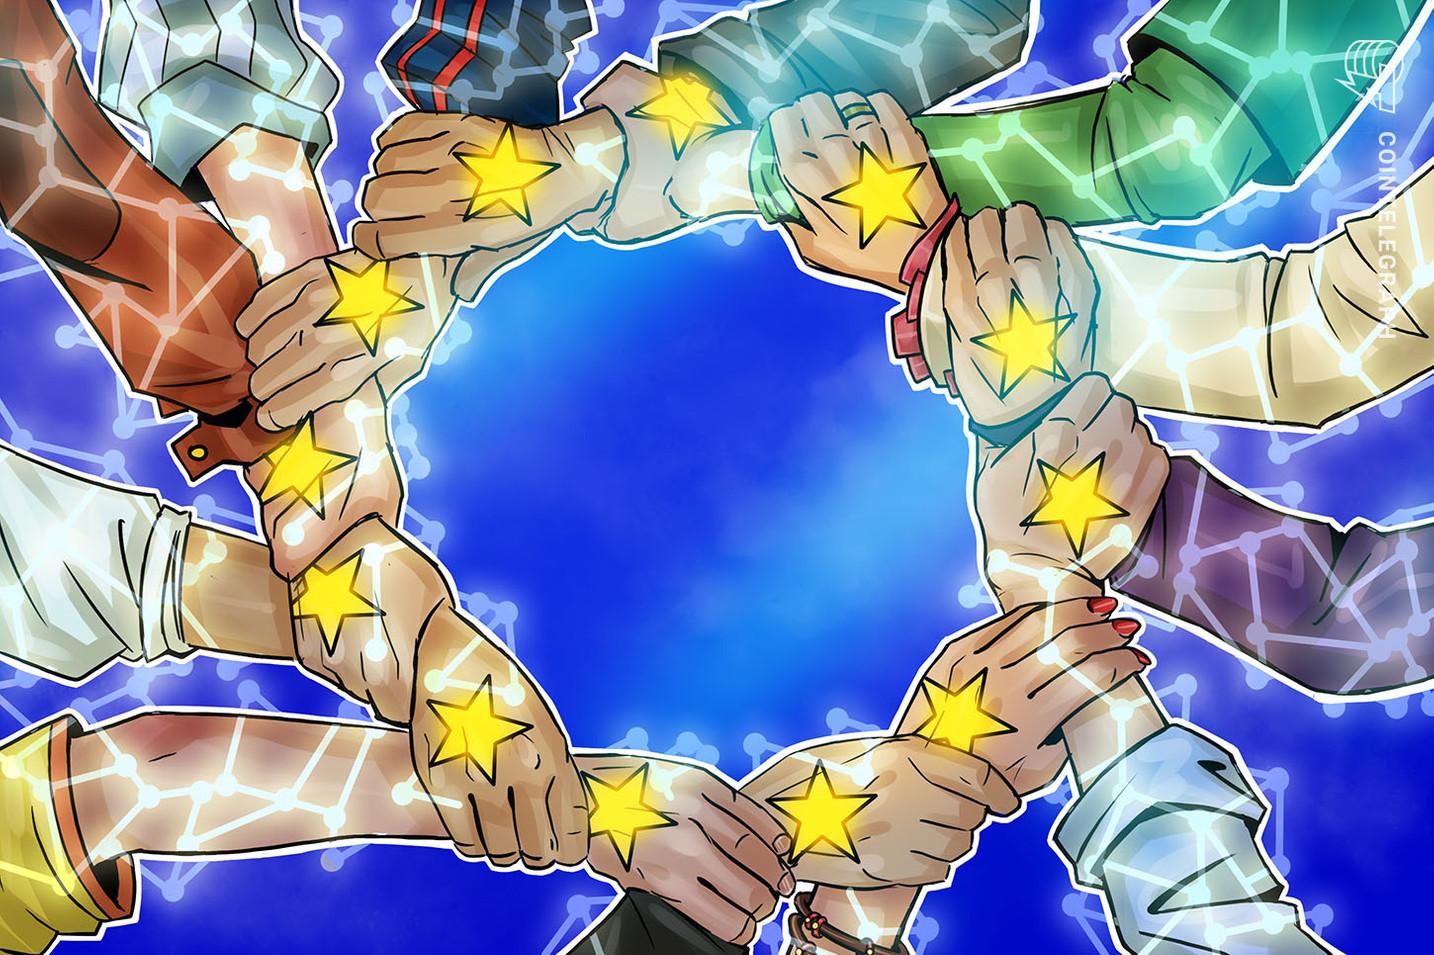 新的歐盟提案旨在收緊發送加密貨幣的法規